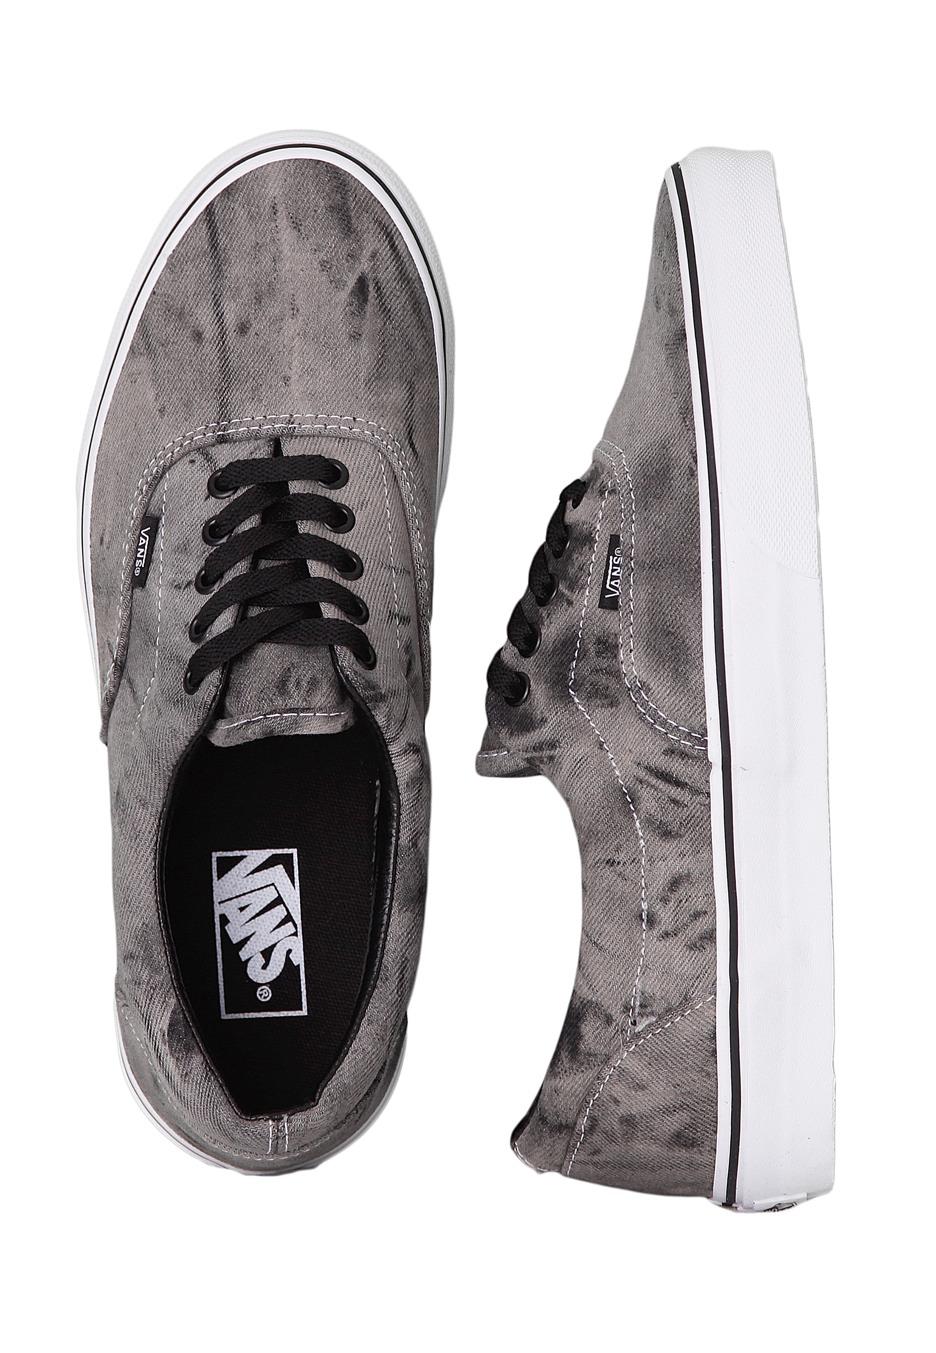 639e603d84 Vans - Era Acid Denim Black - Shoes - Impericon.com UK